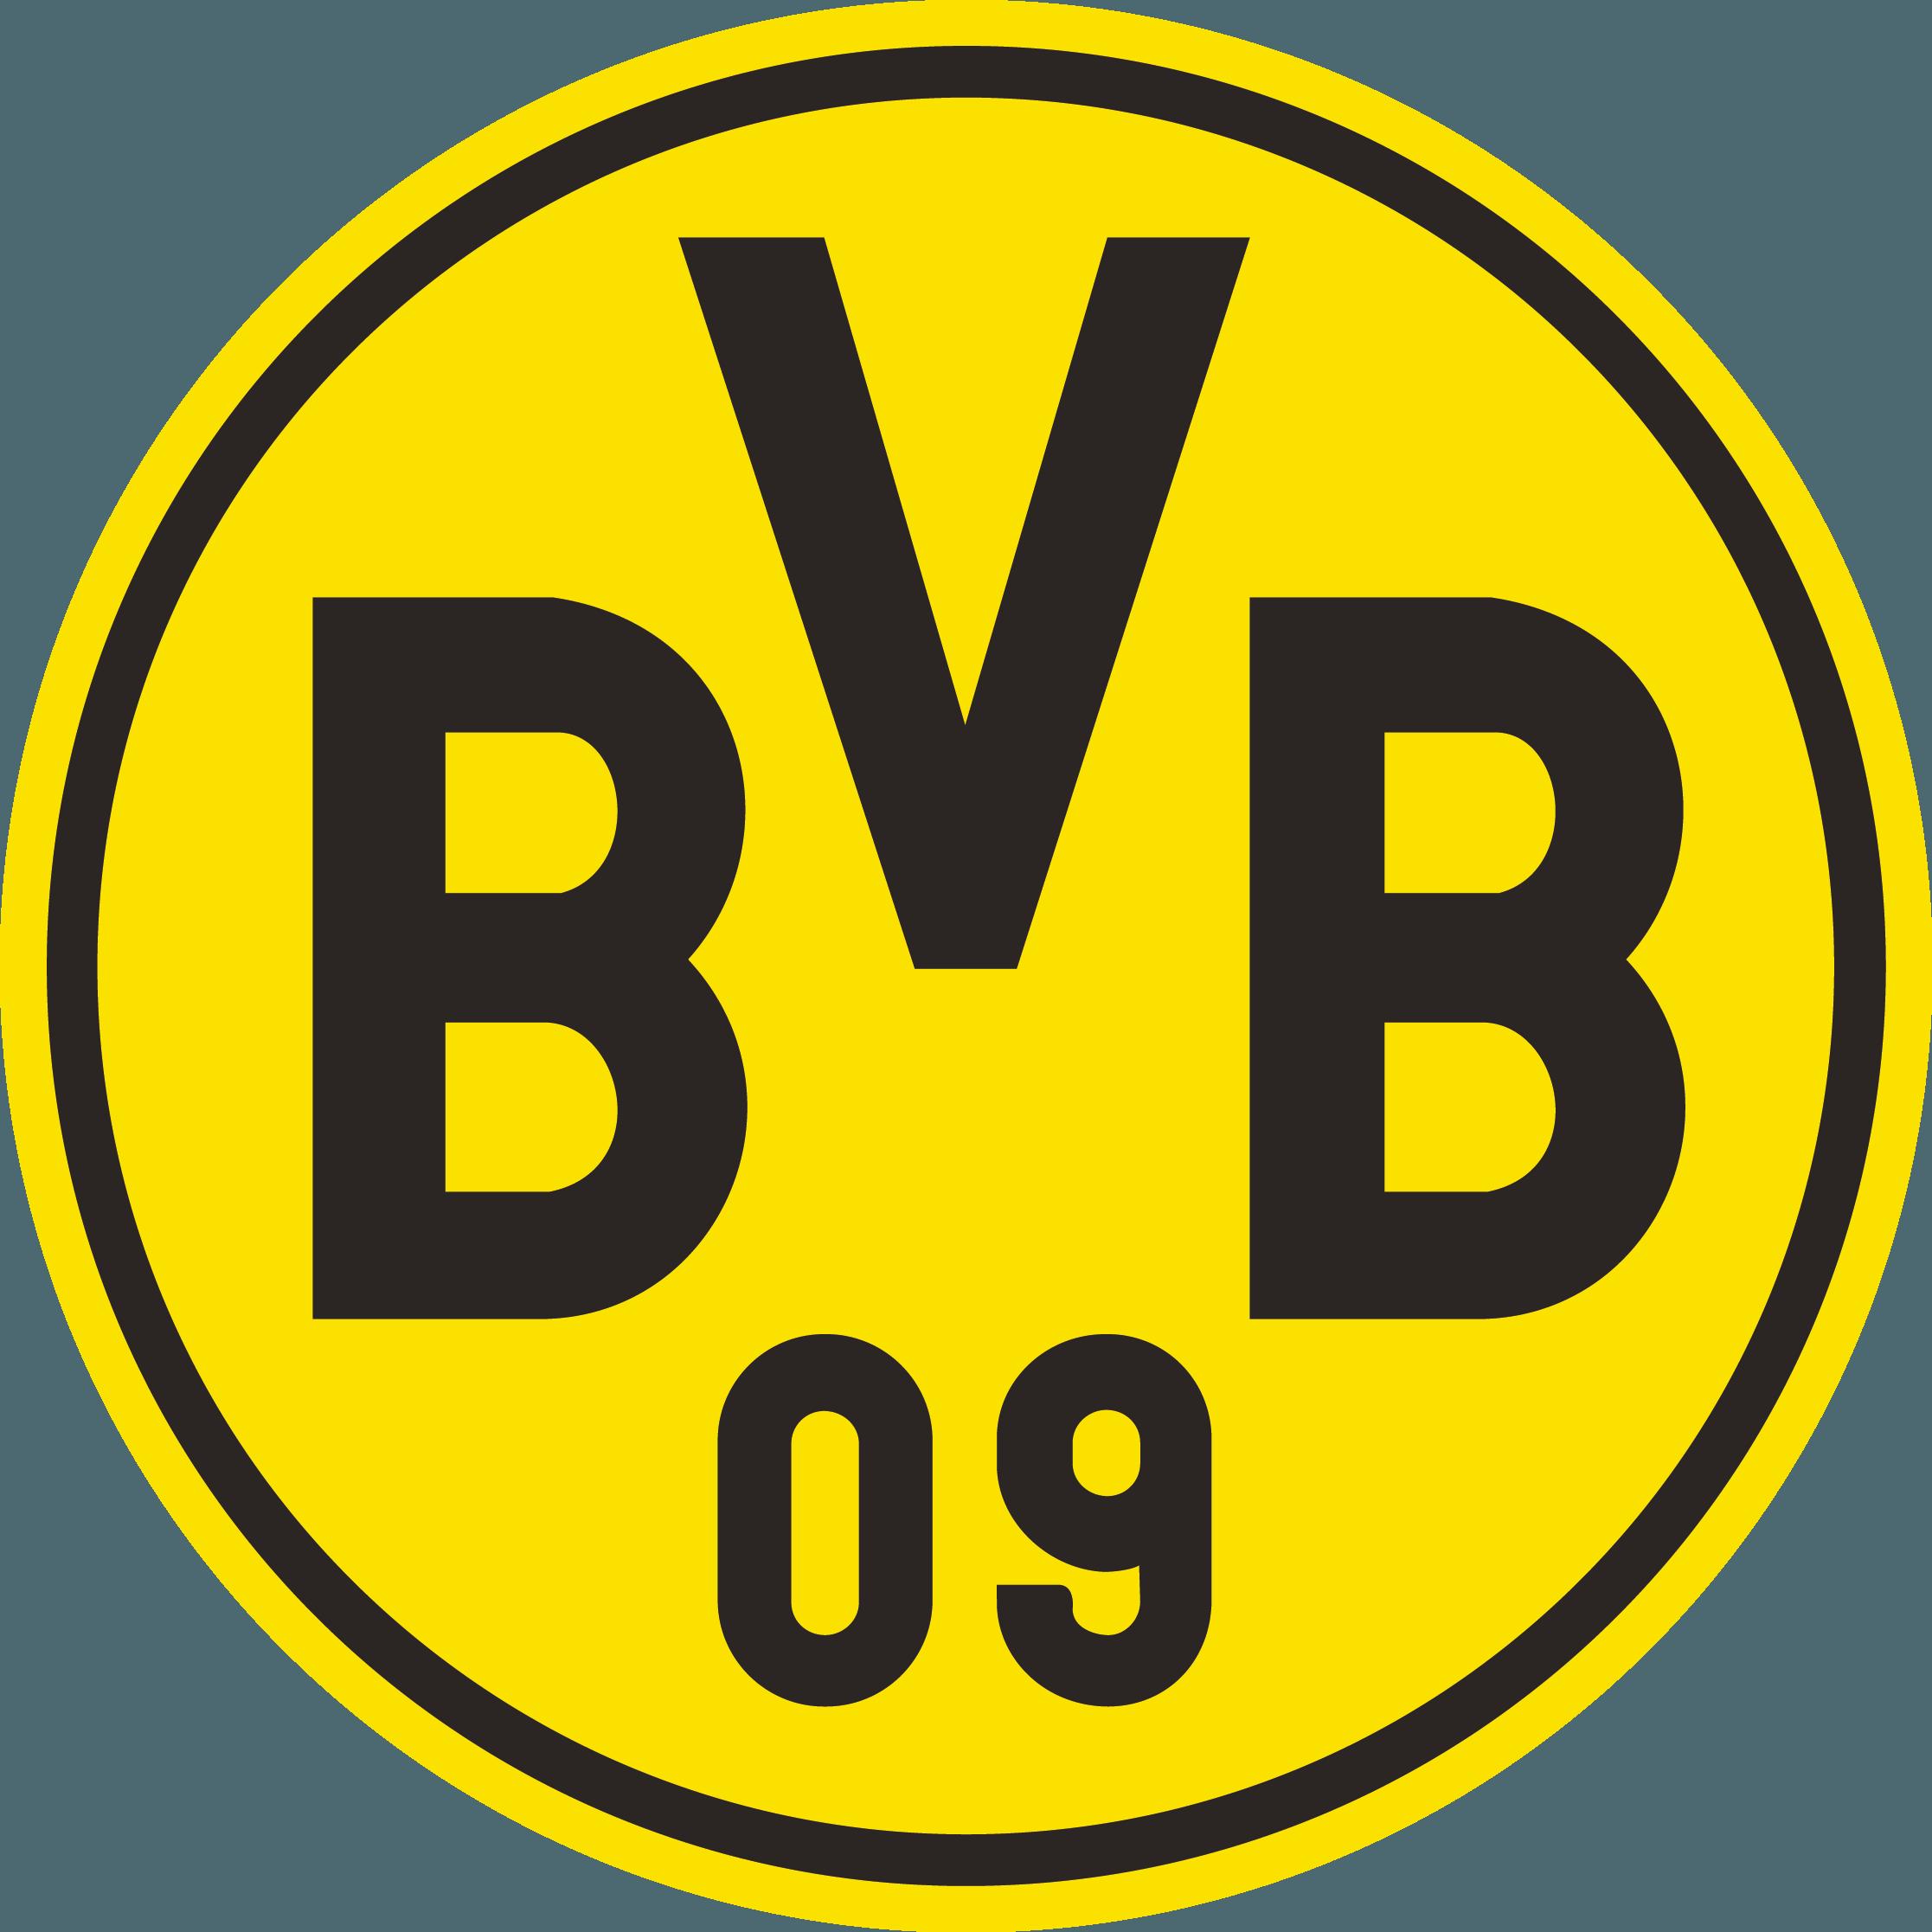 Borussia Dortmund Logo [bvb.de] png